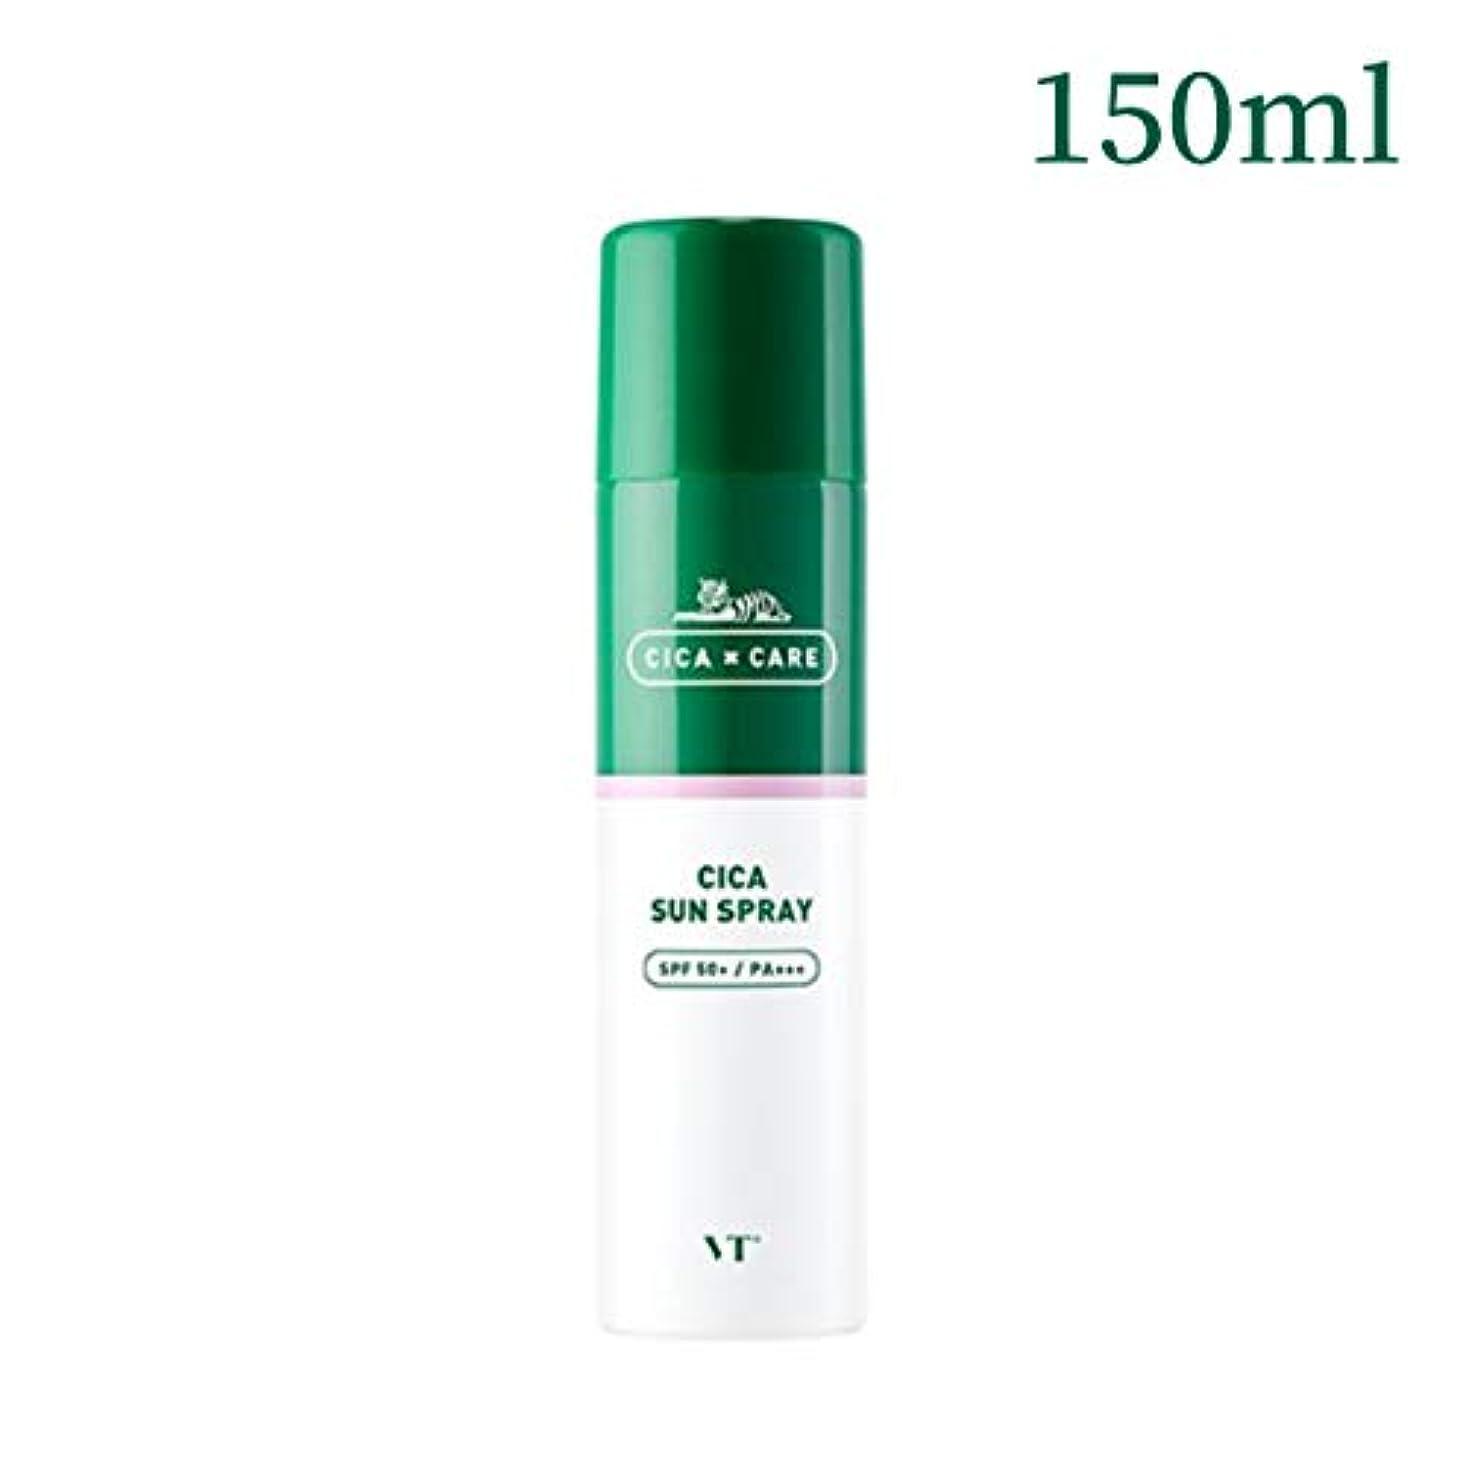 非効率的な物理的な一元化するVT Cosmetis CICAサンスプレー 150ml